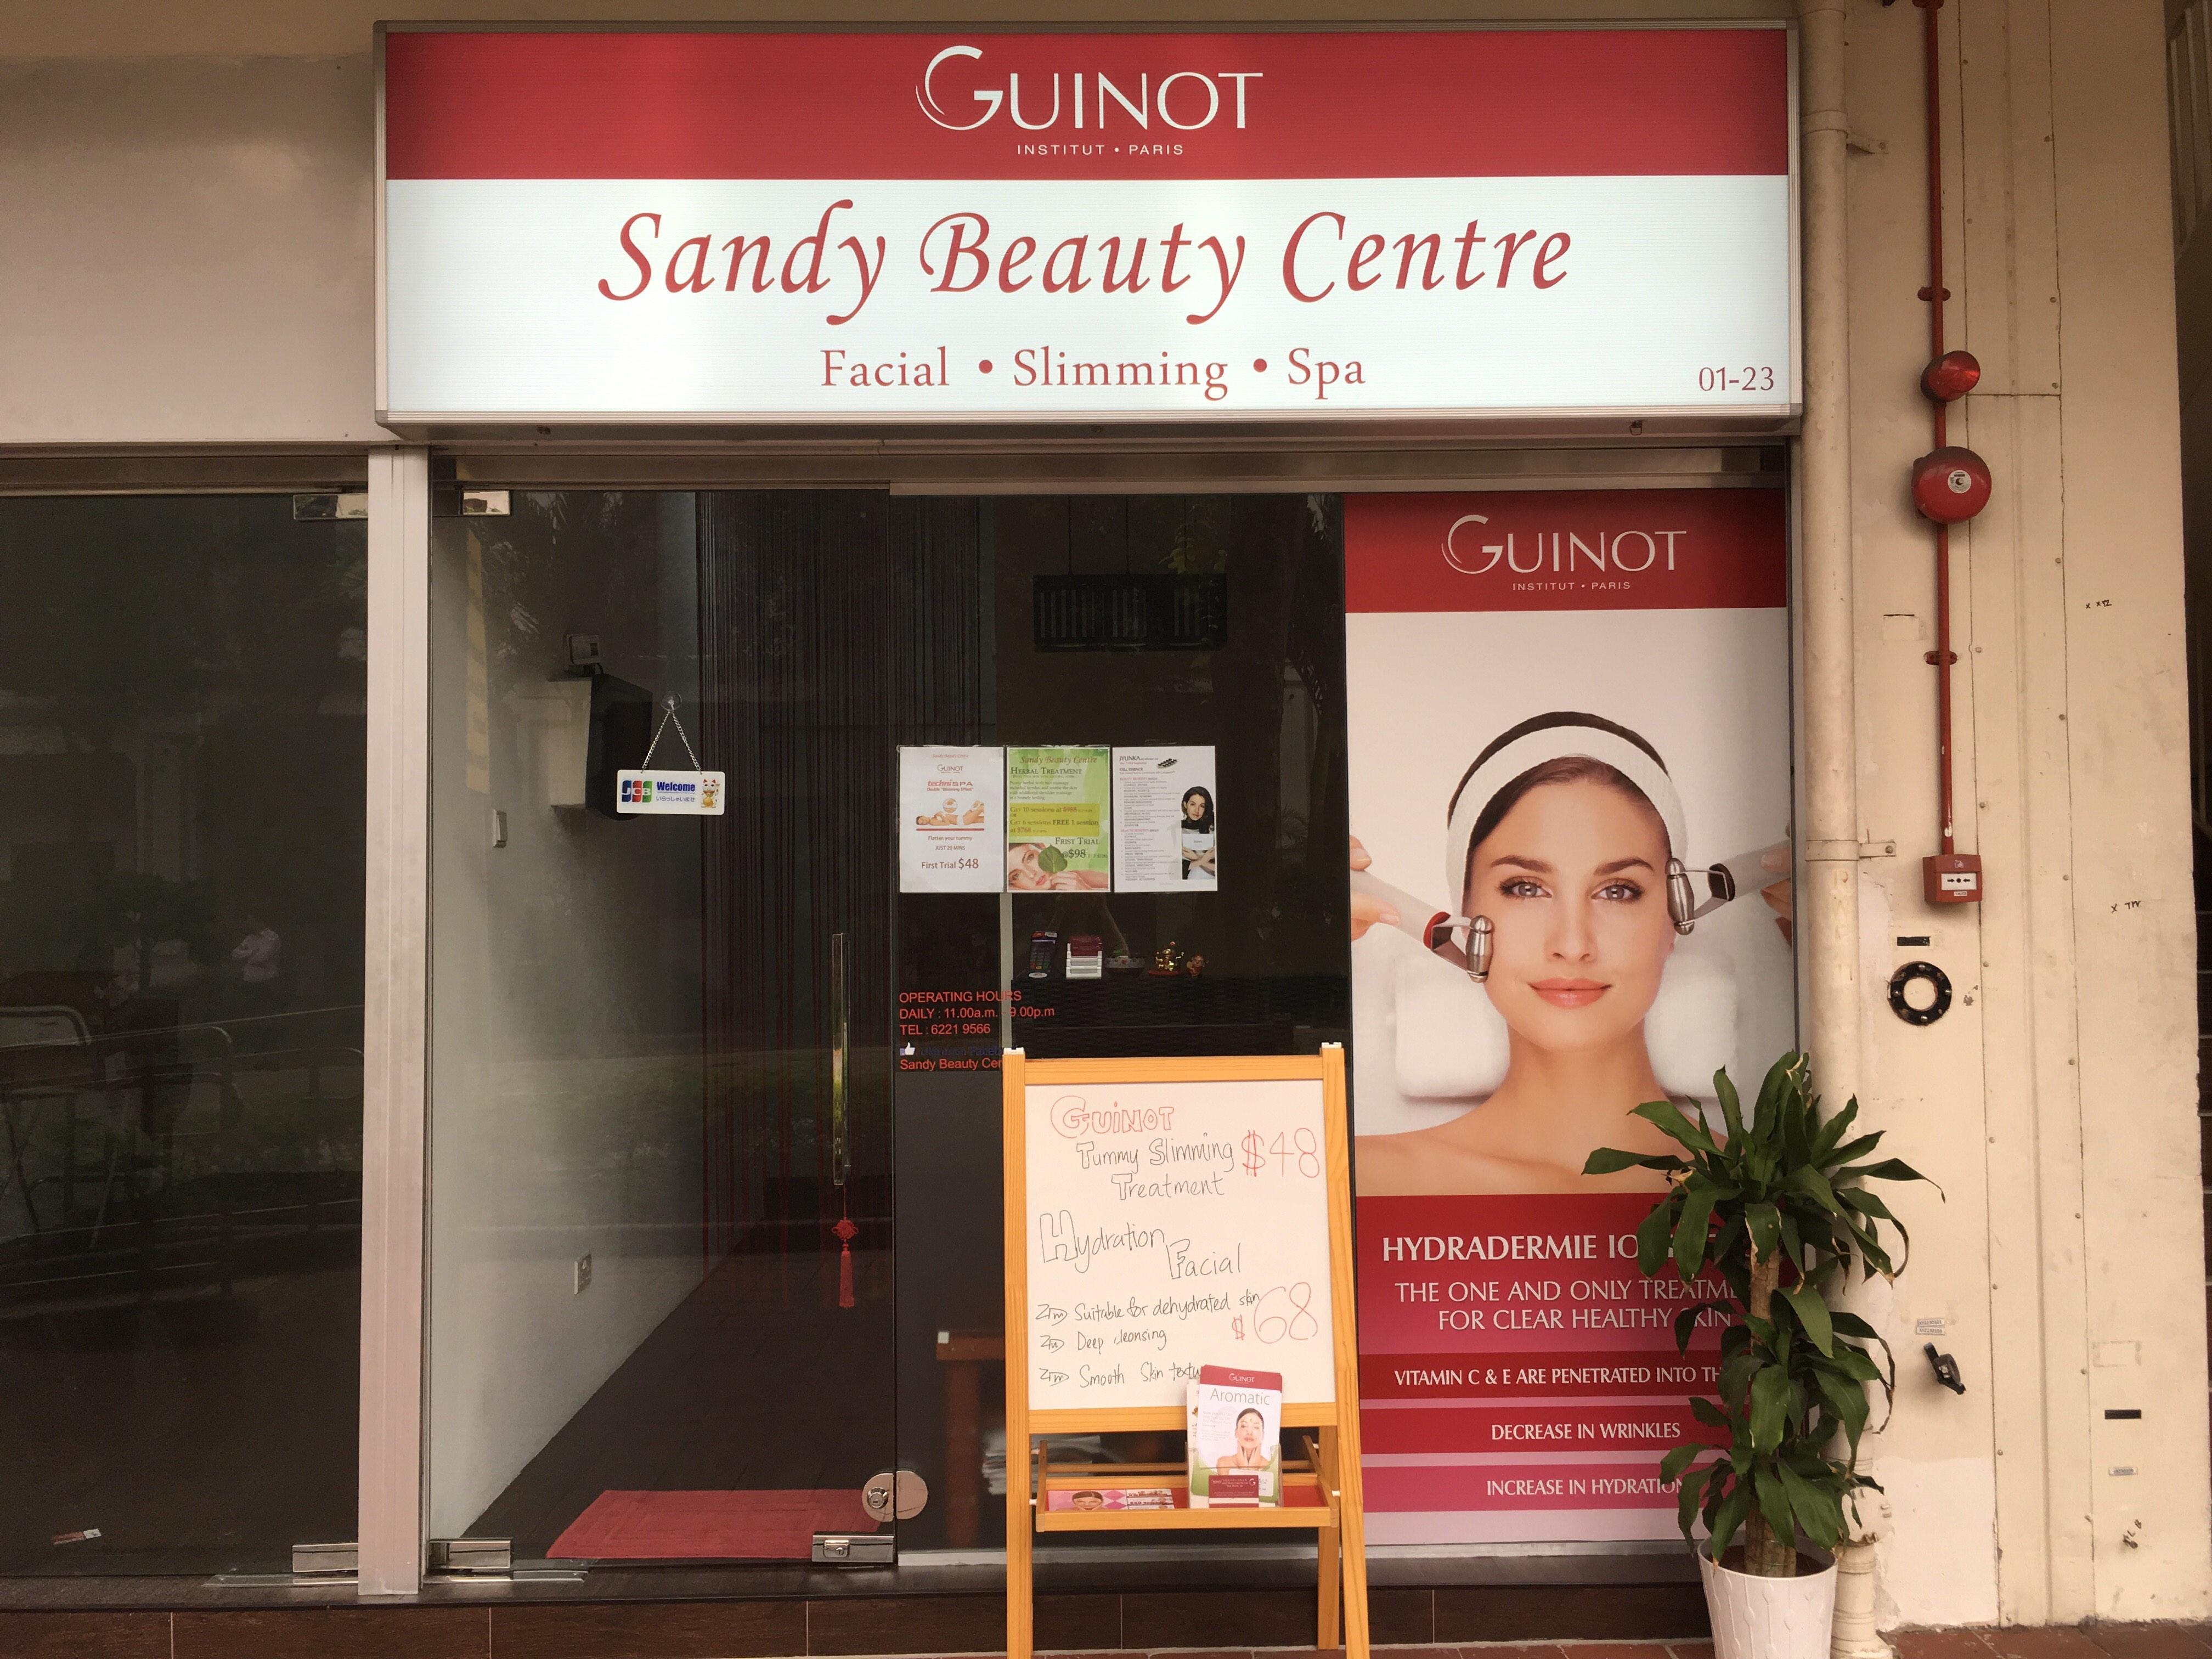 sandy beauty slimming spa metoda de pierdere în greutate a experimentului de coroziune